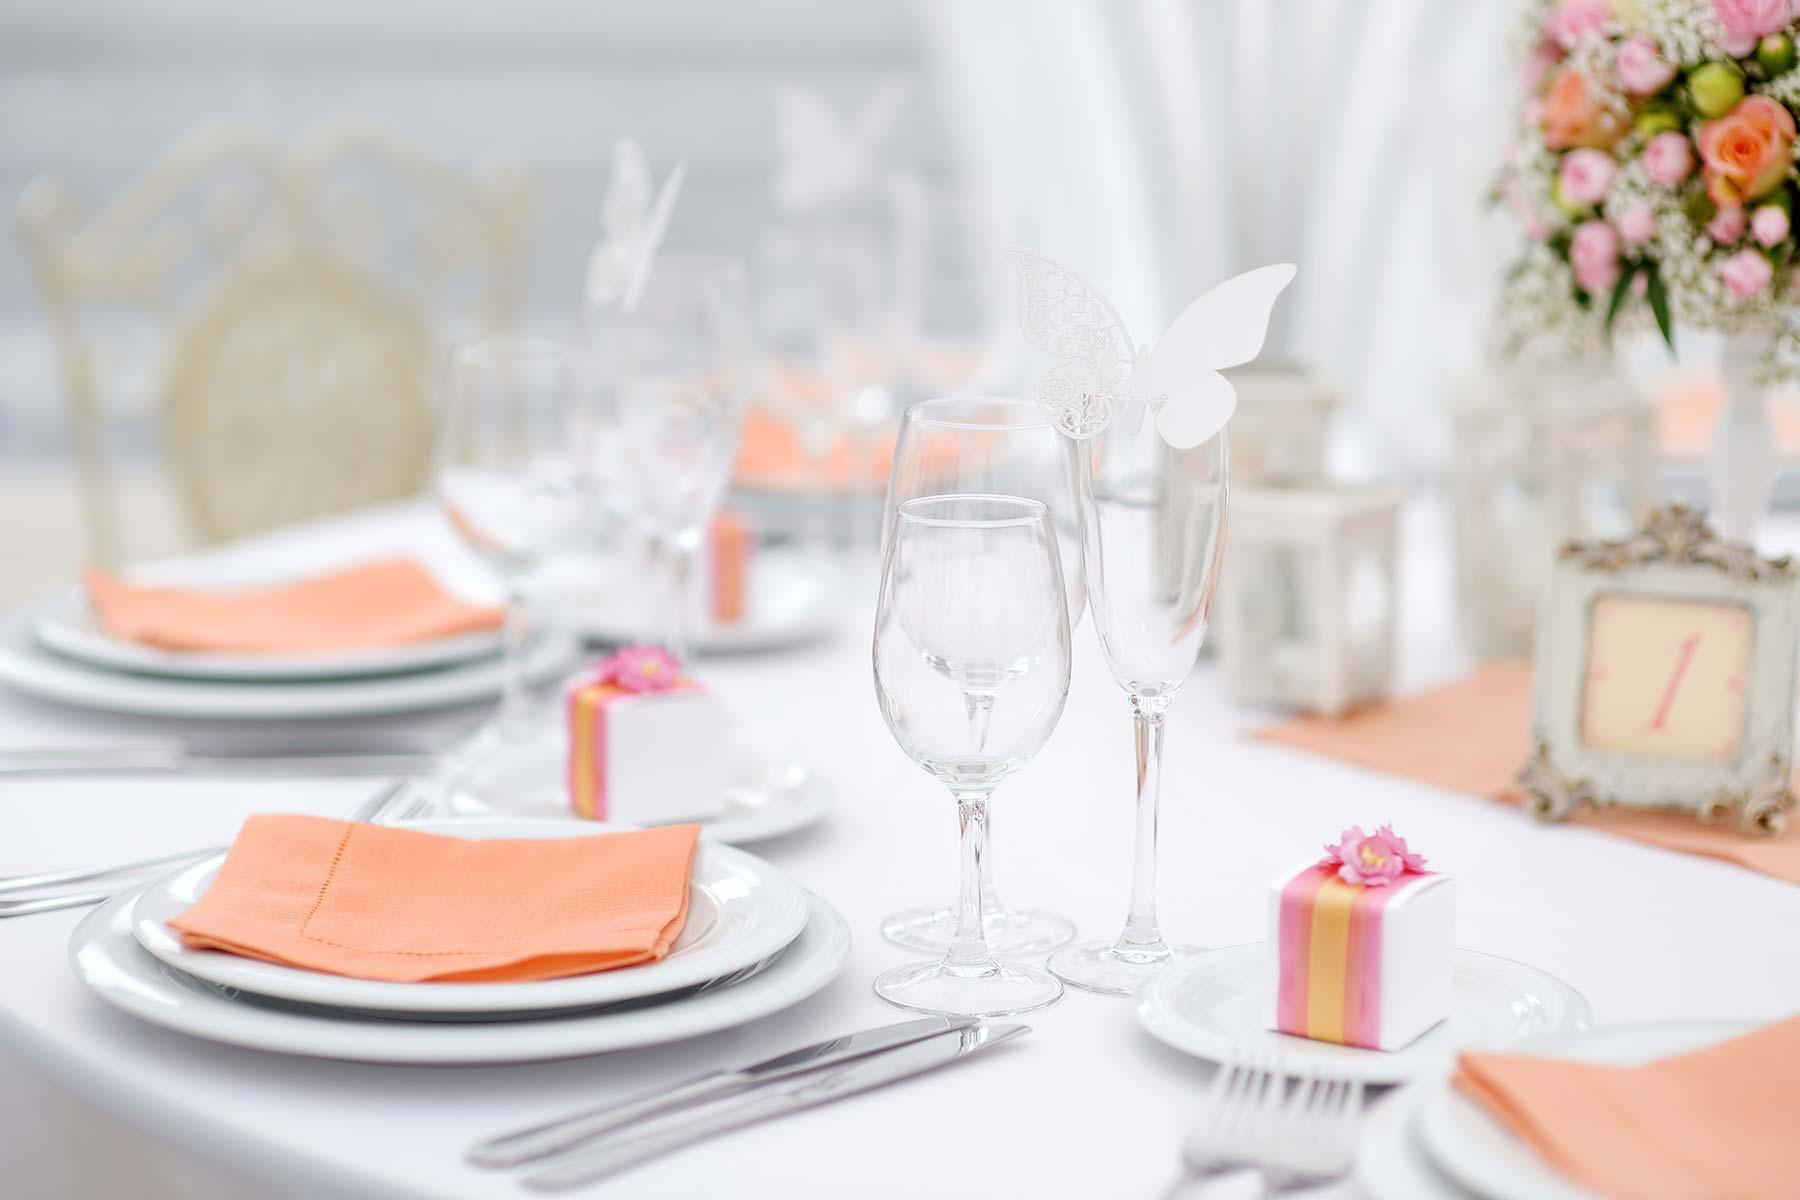 Hochzeitsservietten aus Papier für die Gäste bei der Hochzeit